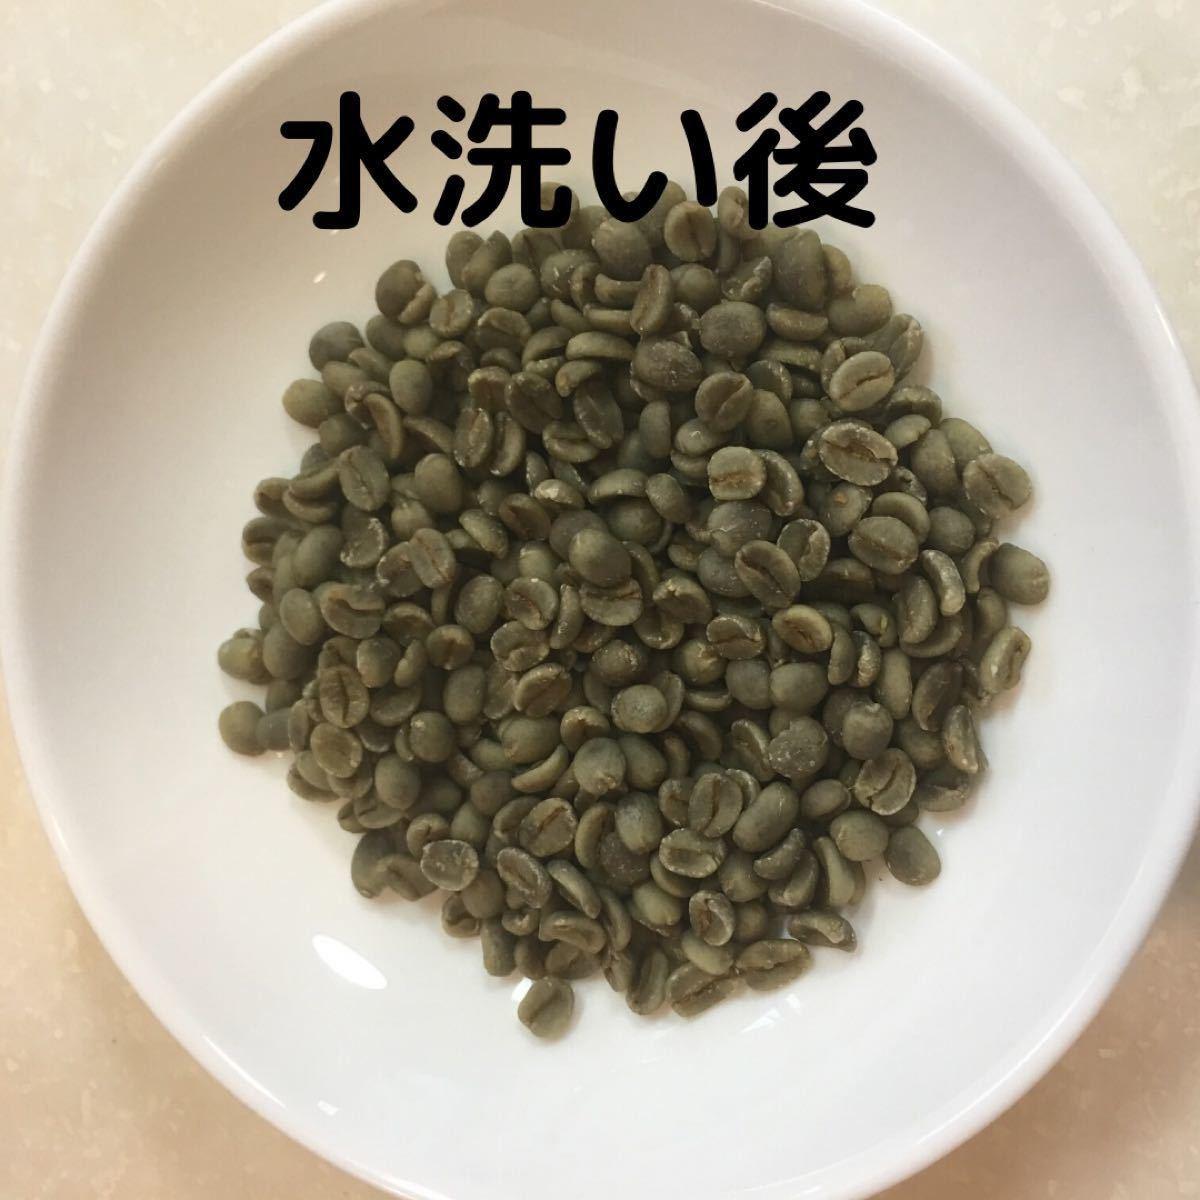 自家焙煎 超深煎りブレンド 150g 豆又は粉